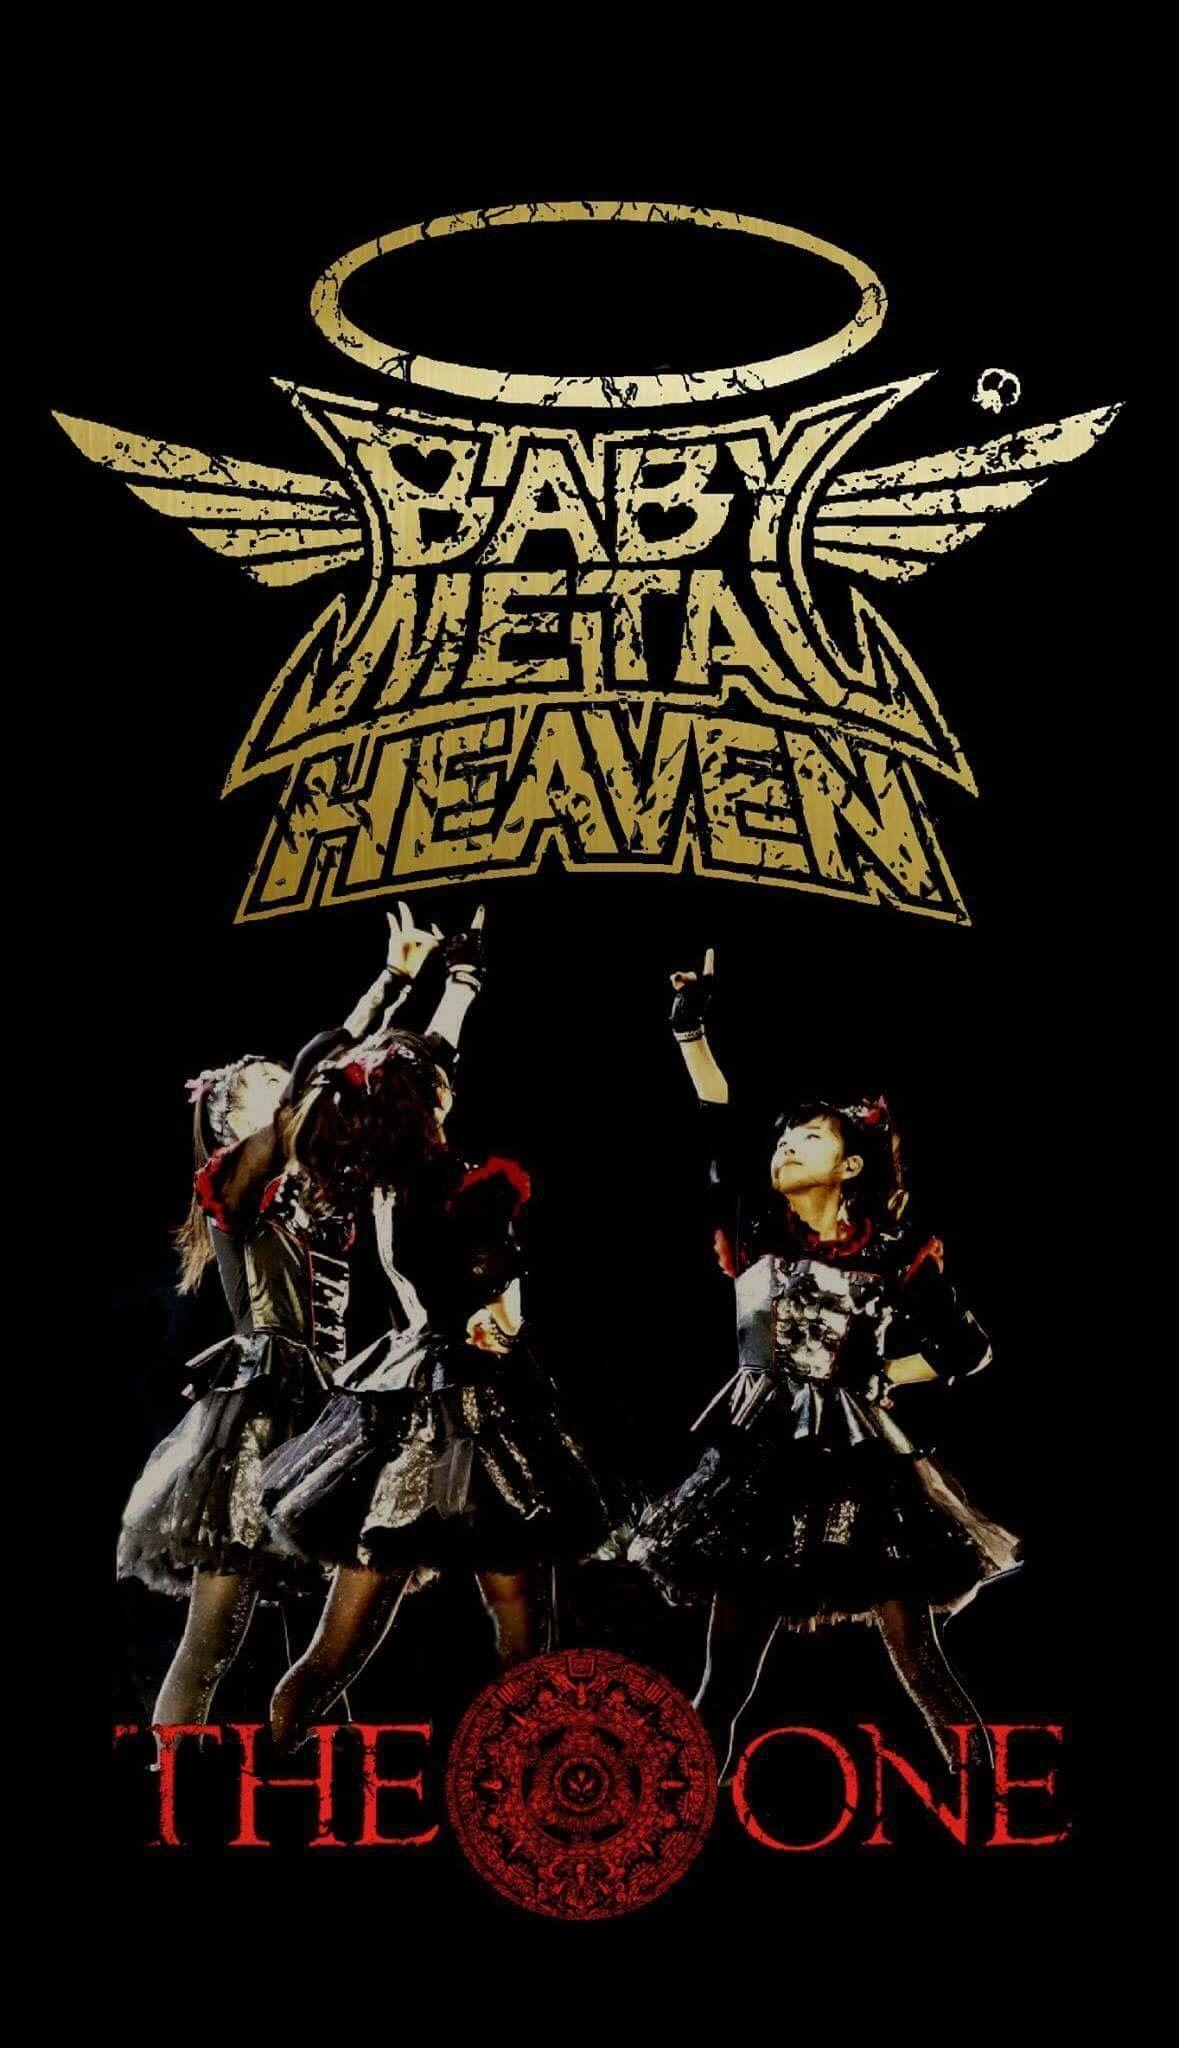 Babymetal ベイビーメタル Babymetal 壁紙 スーメタル